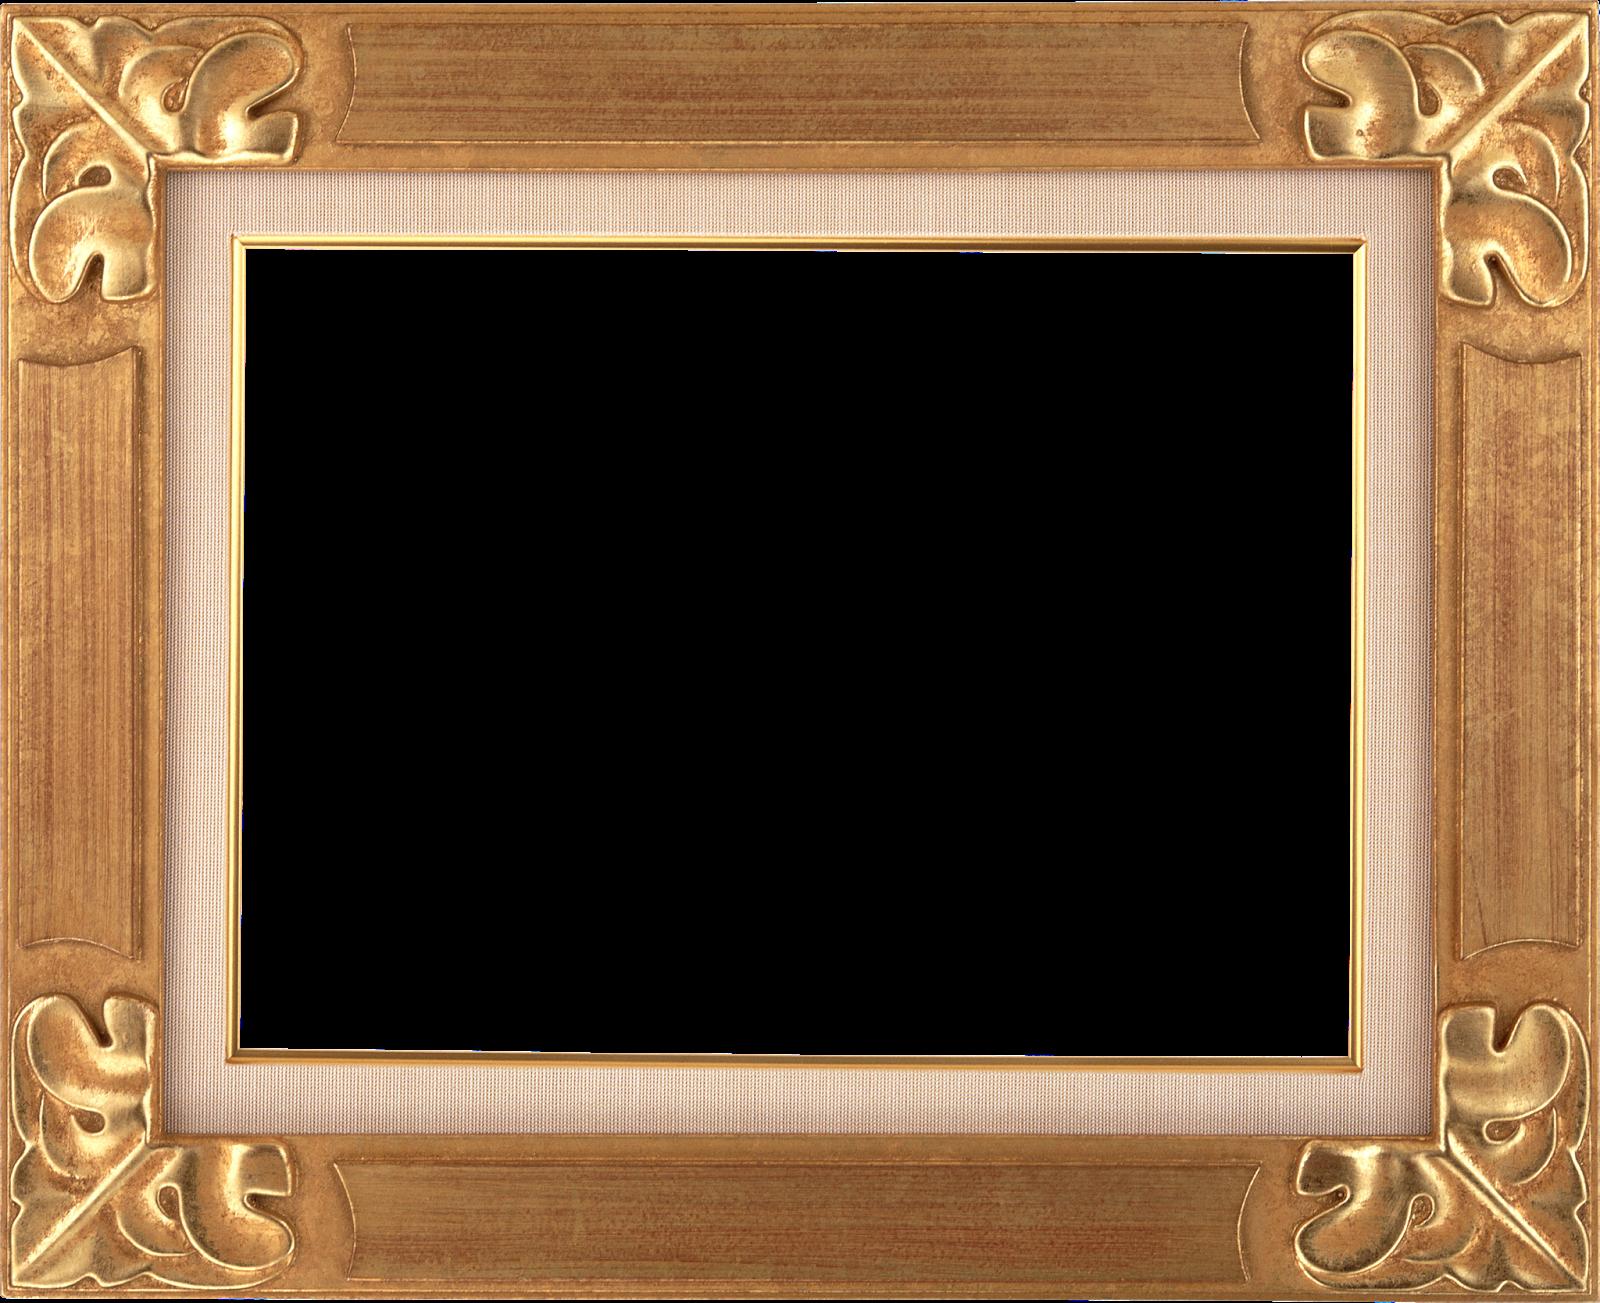 Marcos para fotos de madera vintage fondos de pantalla y - Marco foto antigua ...